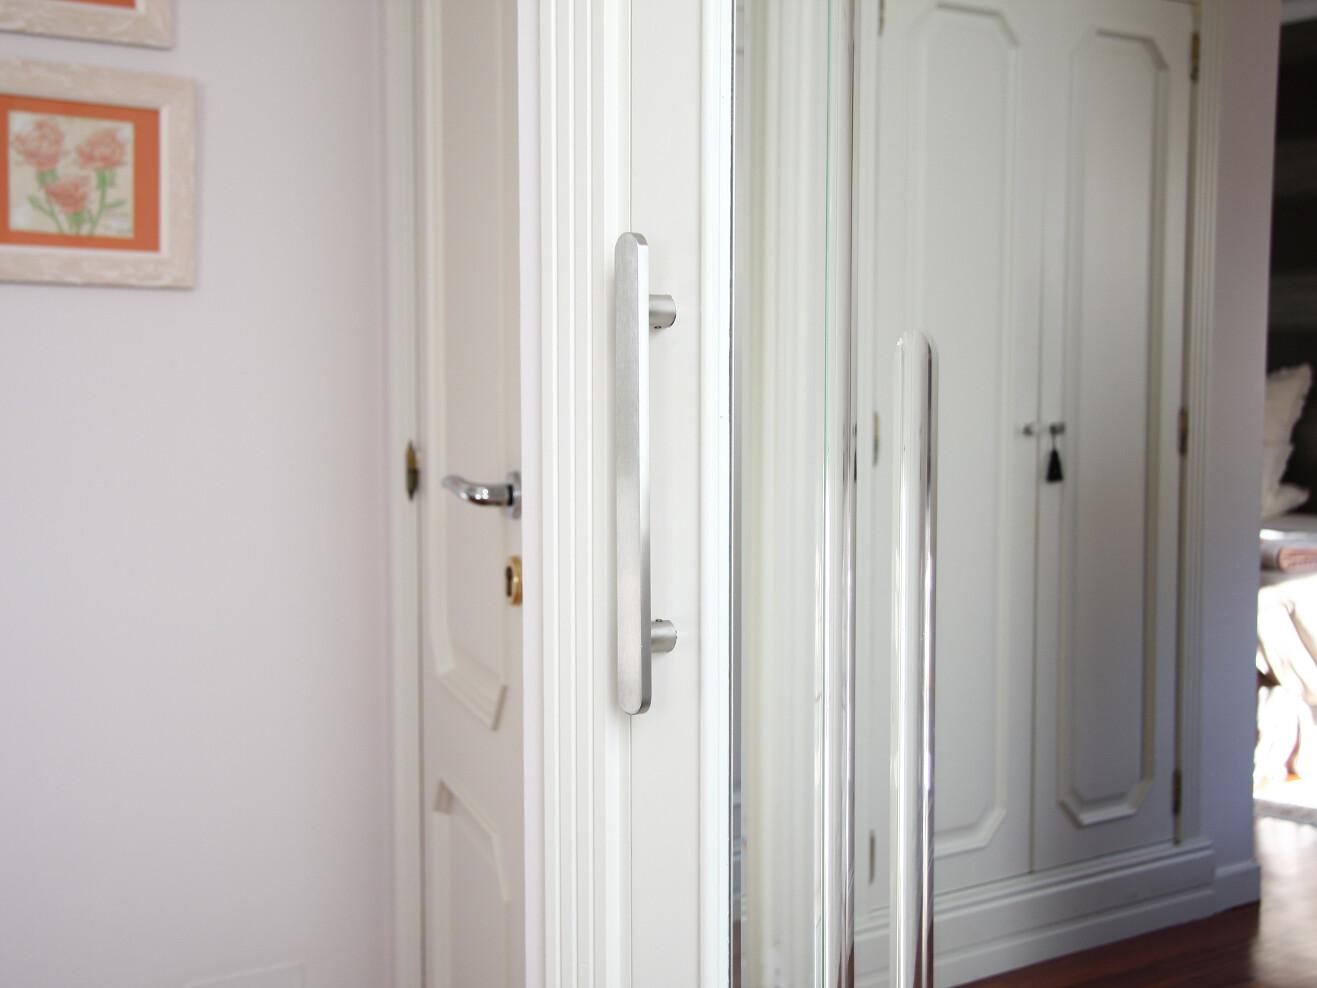 Accesorios puerta ingadesa - Manillones puertas correderas ...